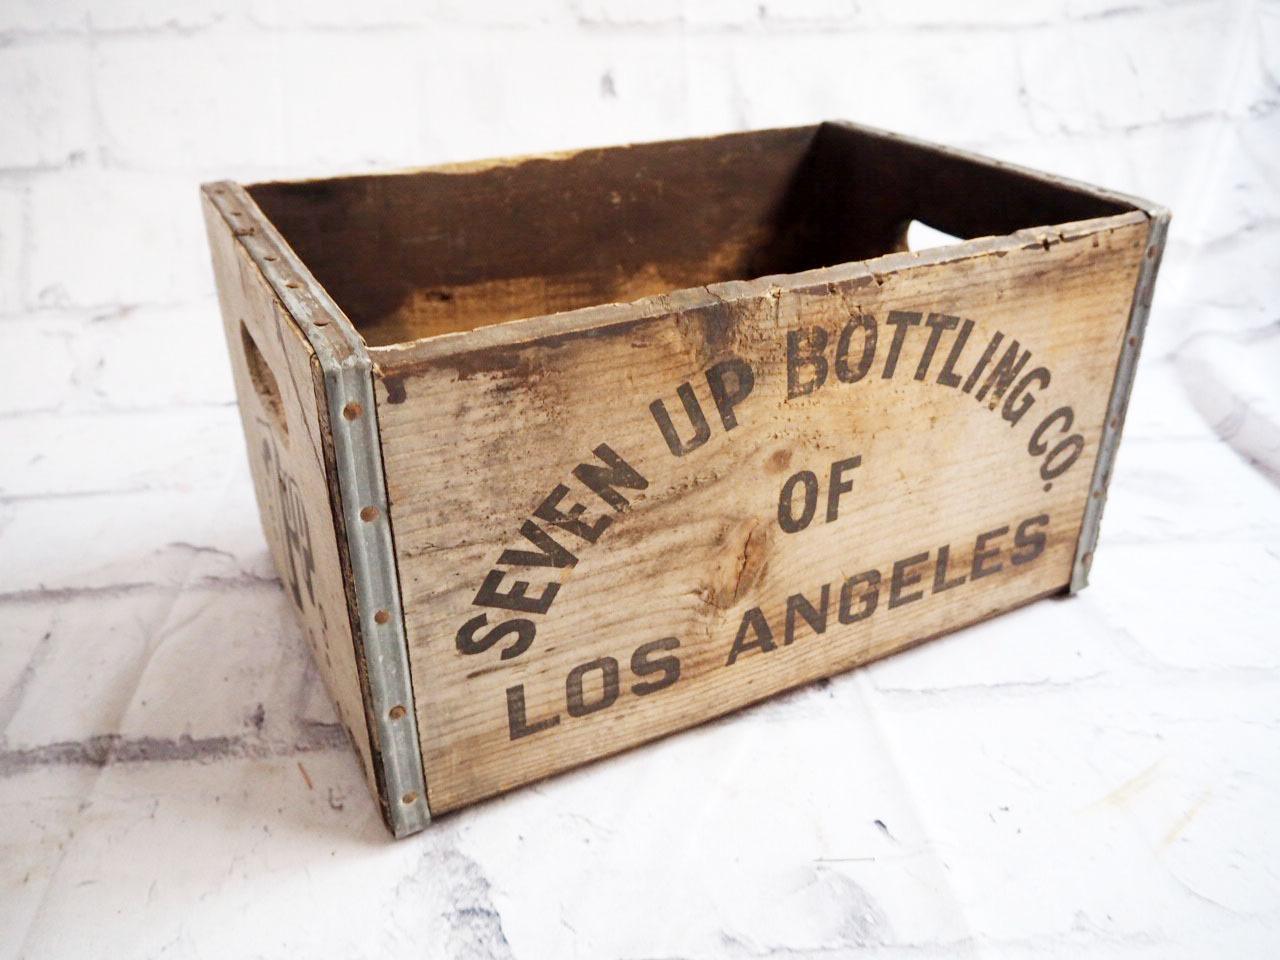 品番0967 セブンアップ 7UP 木箱 ウッドボックス ディスプレーボックス アメリカン ヴィンテージ